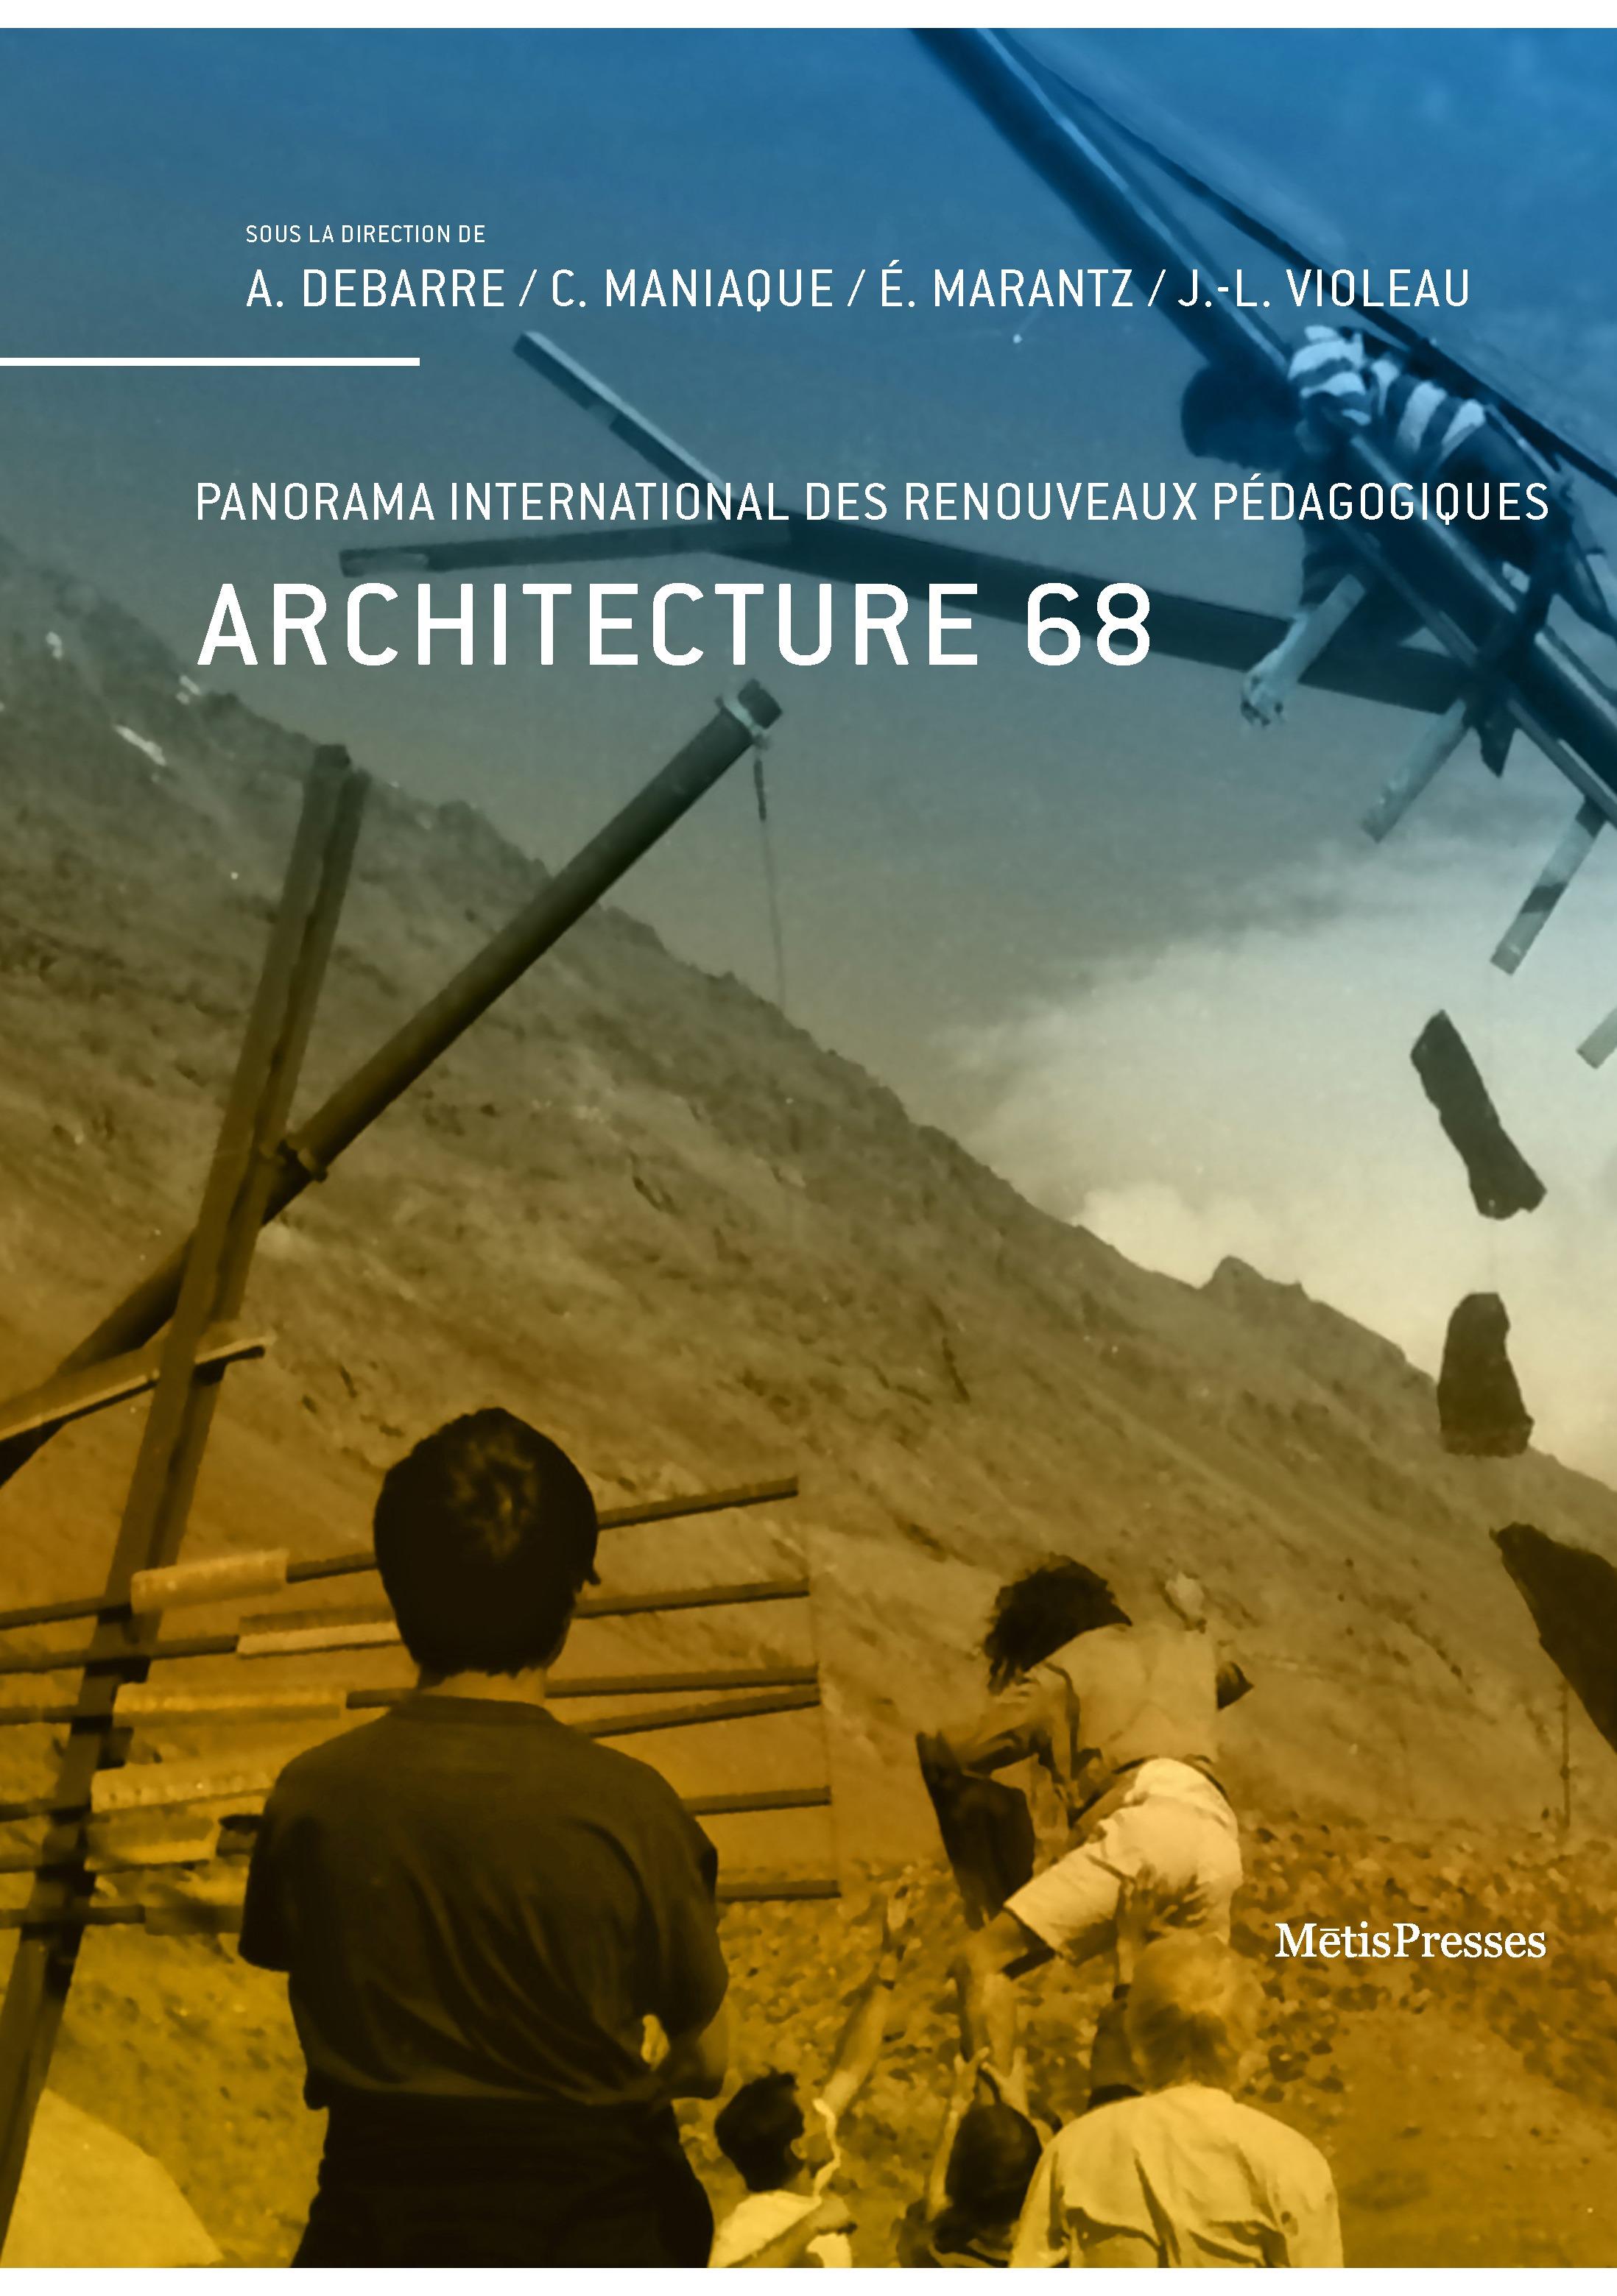 ARCHITECTURE 68 - PANORAMA INTERNATIONAL DES RENOUVEAUX PEDAGOGIQUES